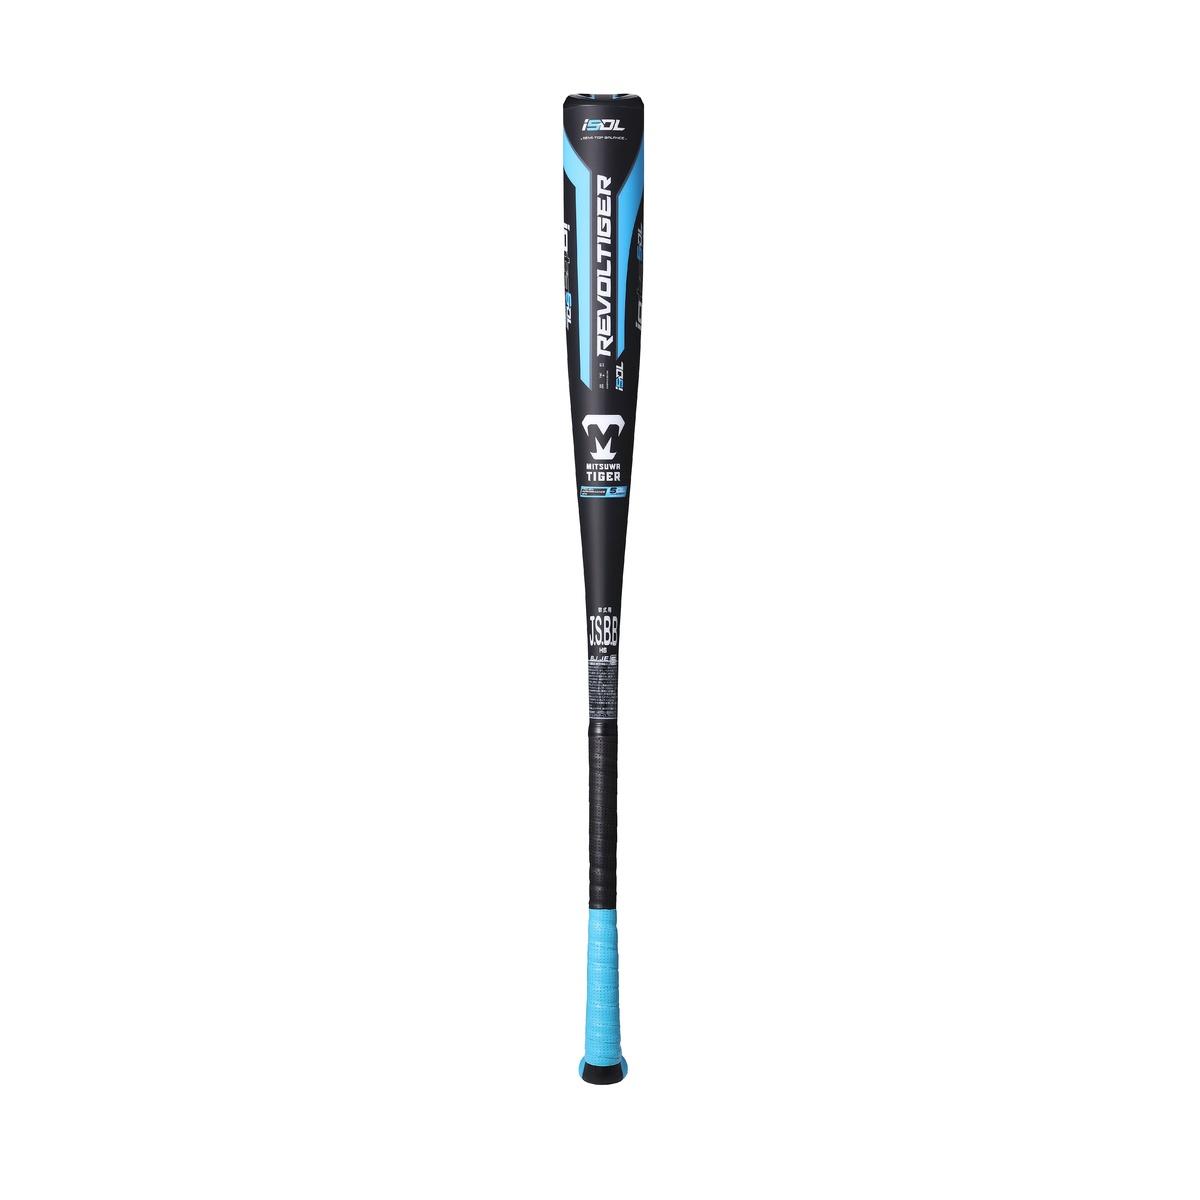 買収 美津和タイガー 野球 最安値 軟式バット 金属 一般軟式IOTA HW-SUPER DL TIGER RBRPUHSD86-210 BLK×BLU MITSUWA